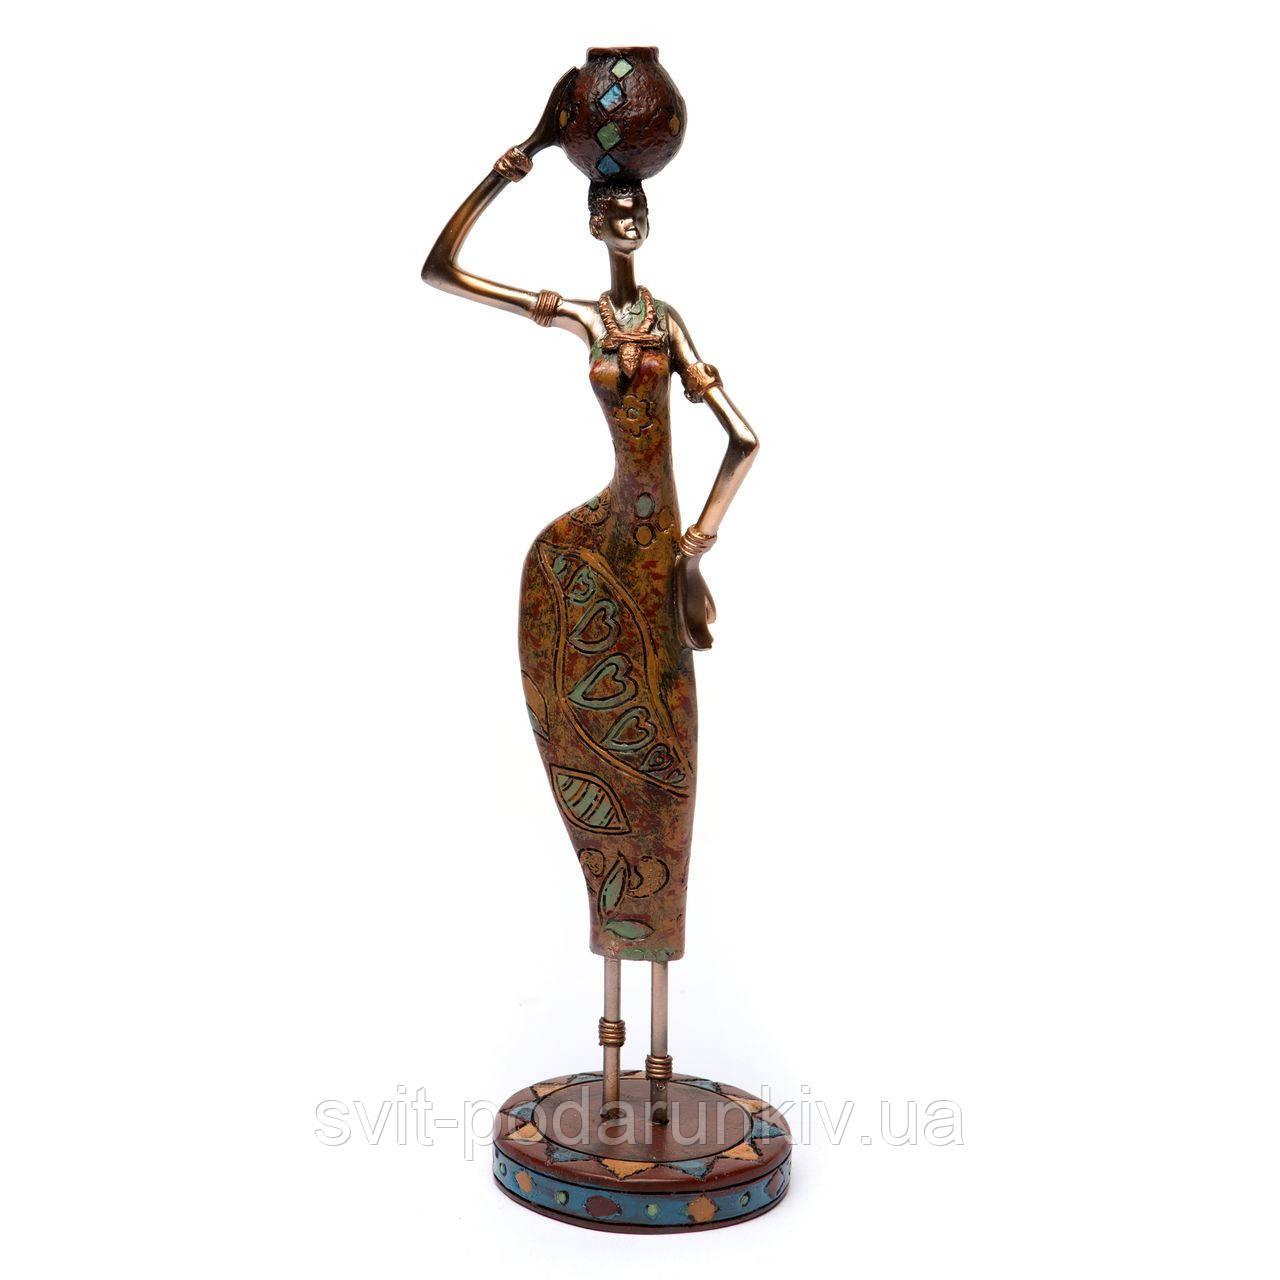 фигурка африканской девушки